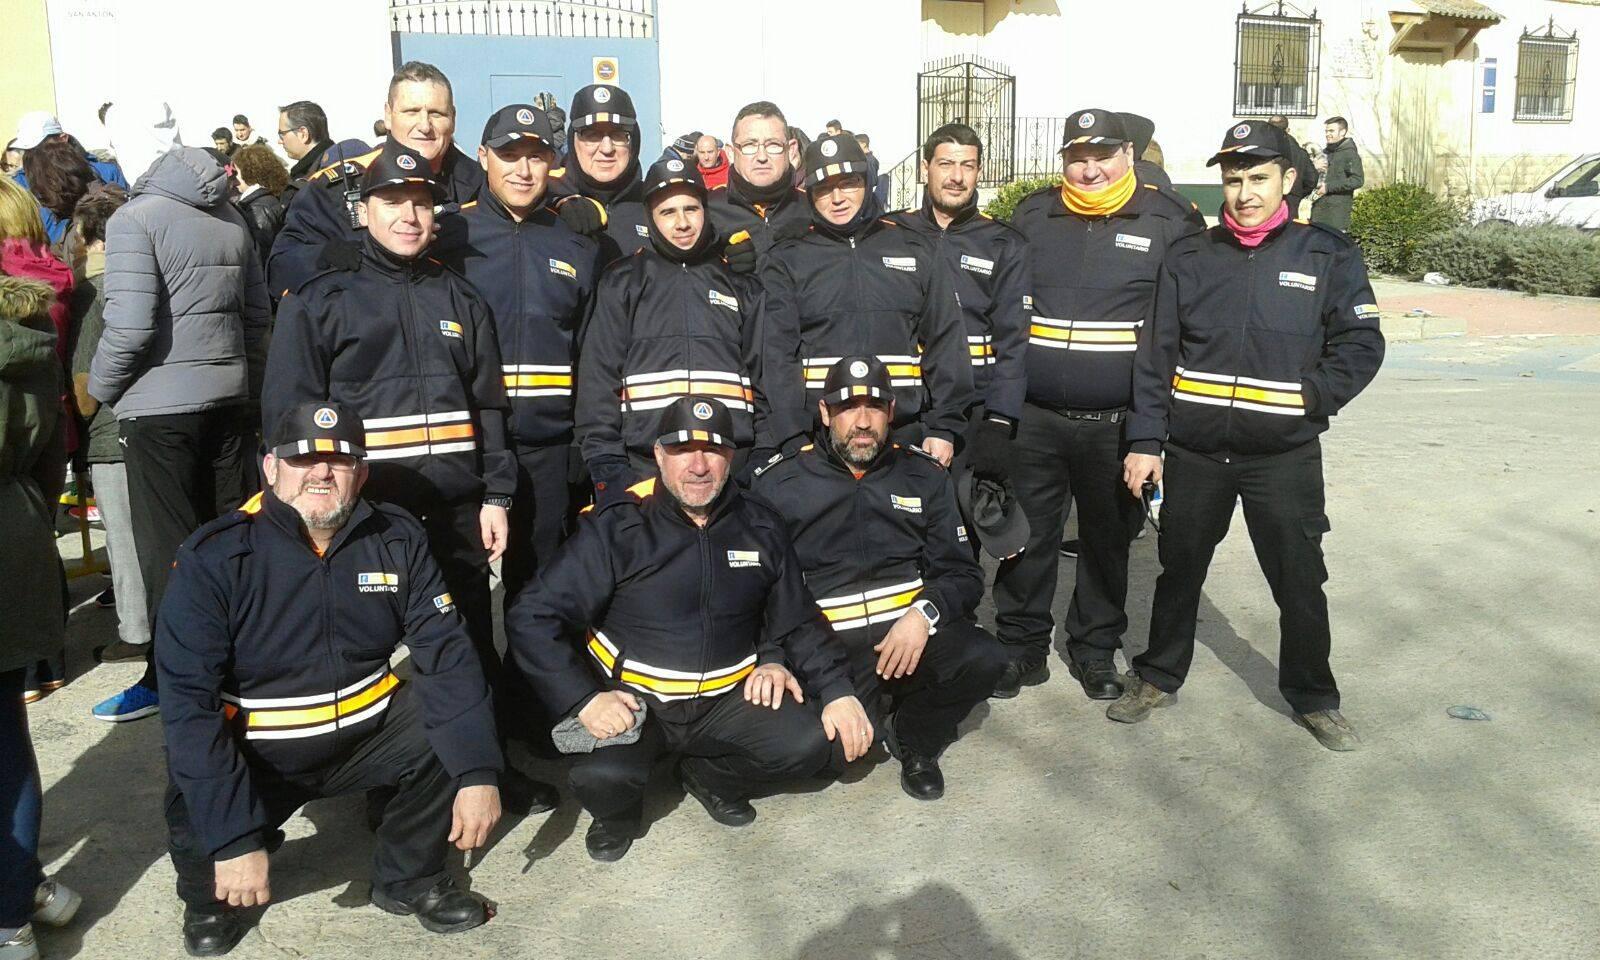 proteccion civil en carrera popular san anton 2017 - Fotografías de la Carrera popular de San Antón contra el cáncer